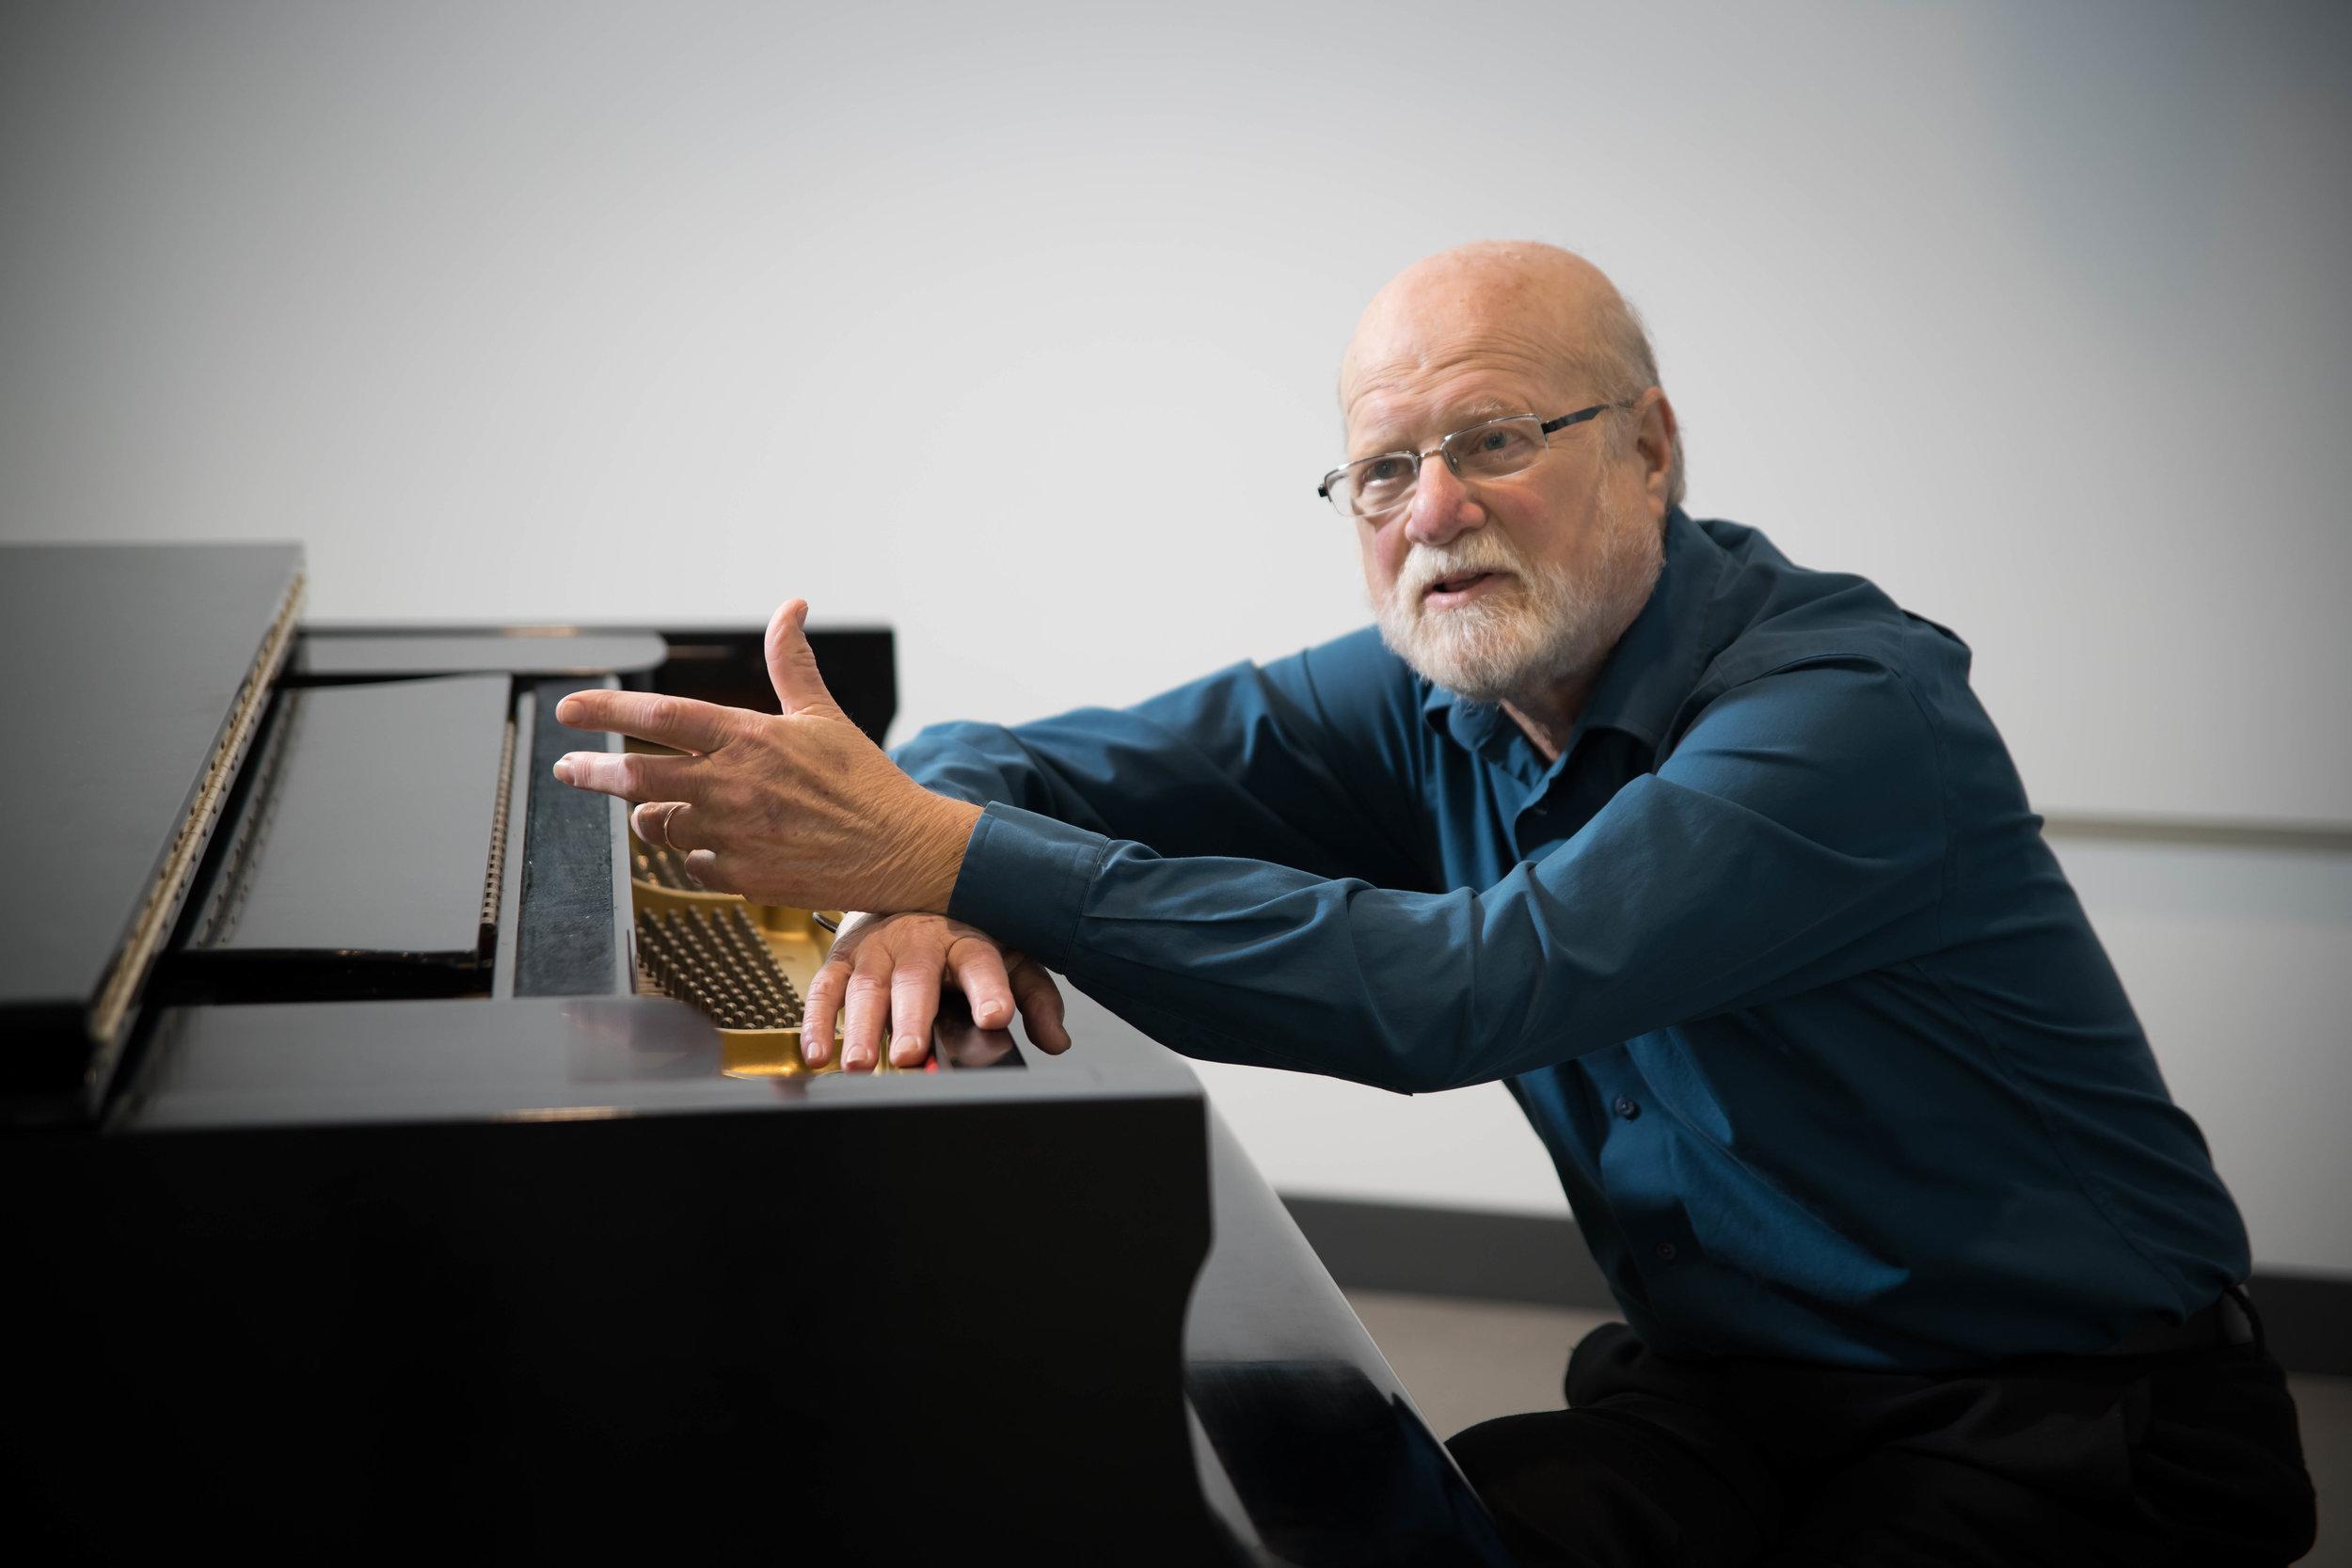 Gross_Allen-Orchestra_Director-SoCaltech_Series-7635.jpg